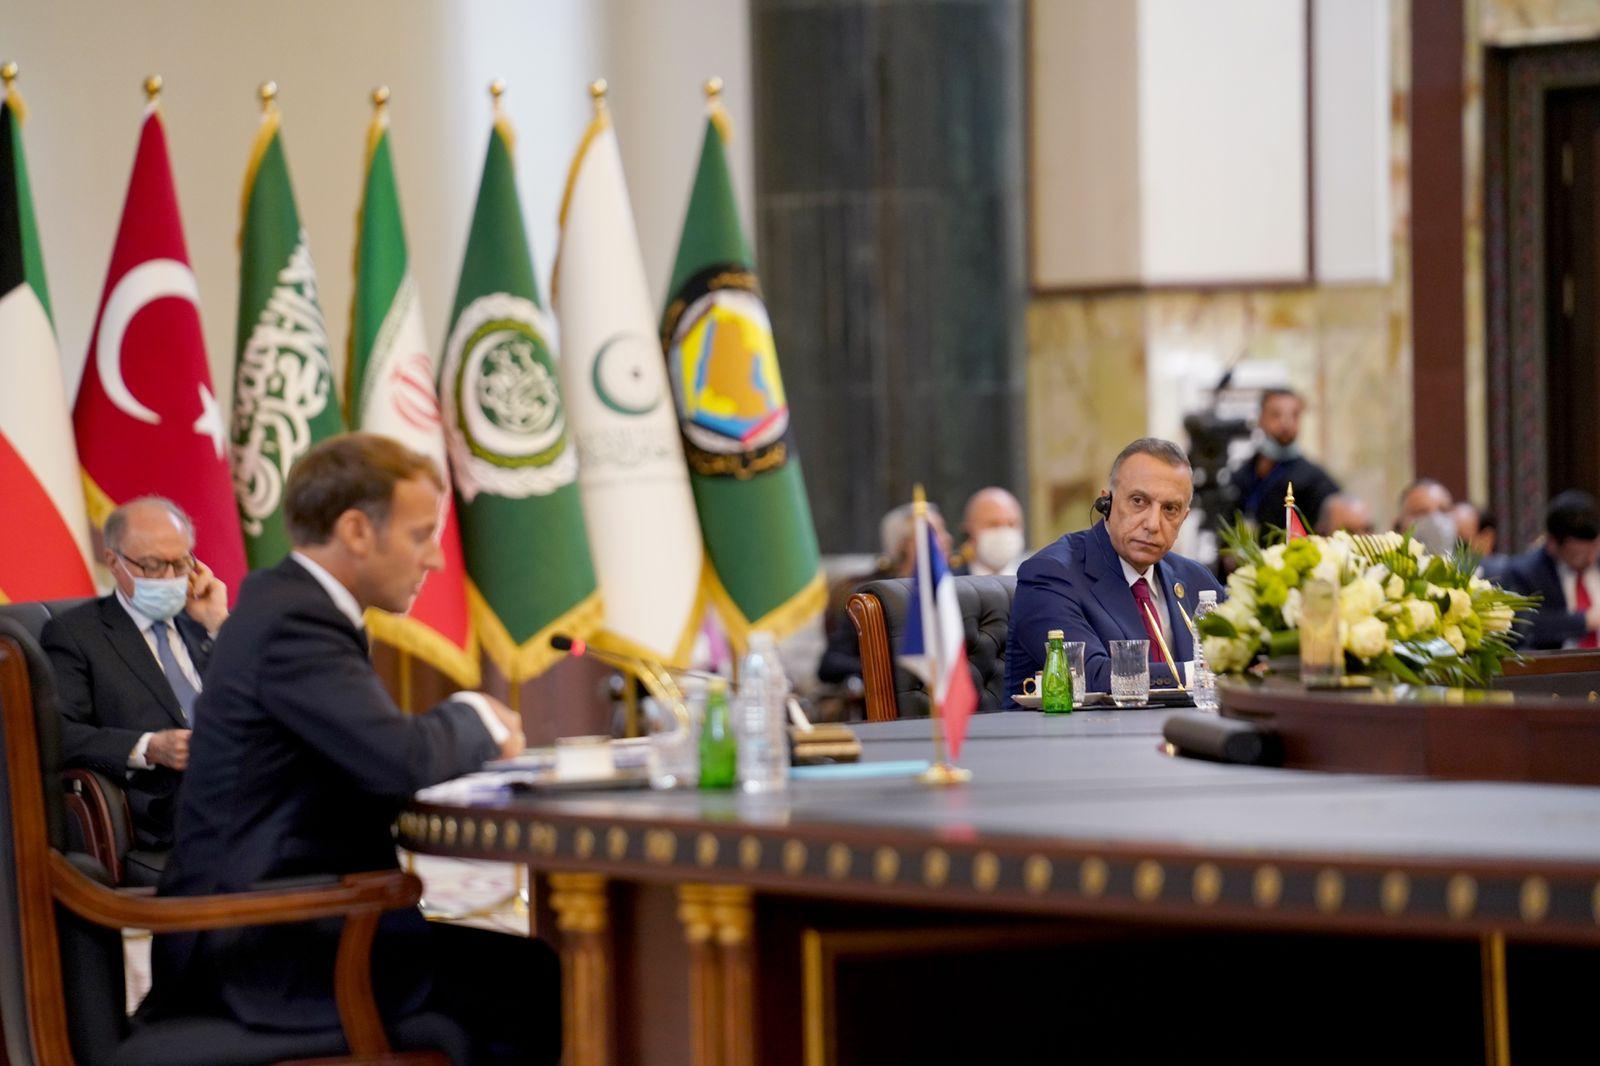 ترحيب دولي بمؤتمر بغداد واشادة بخطوات حكومة الكاظمي للتحديات المالية والاقتصادية